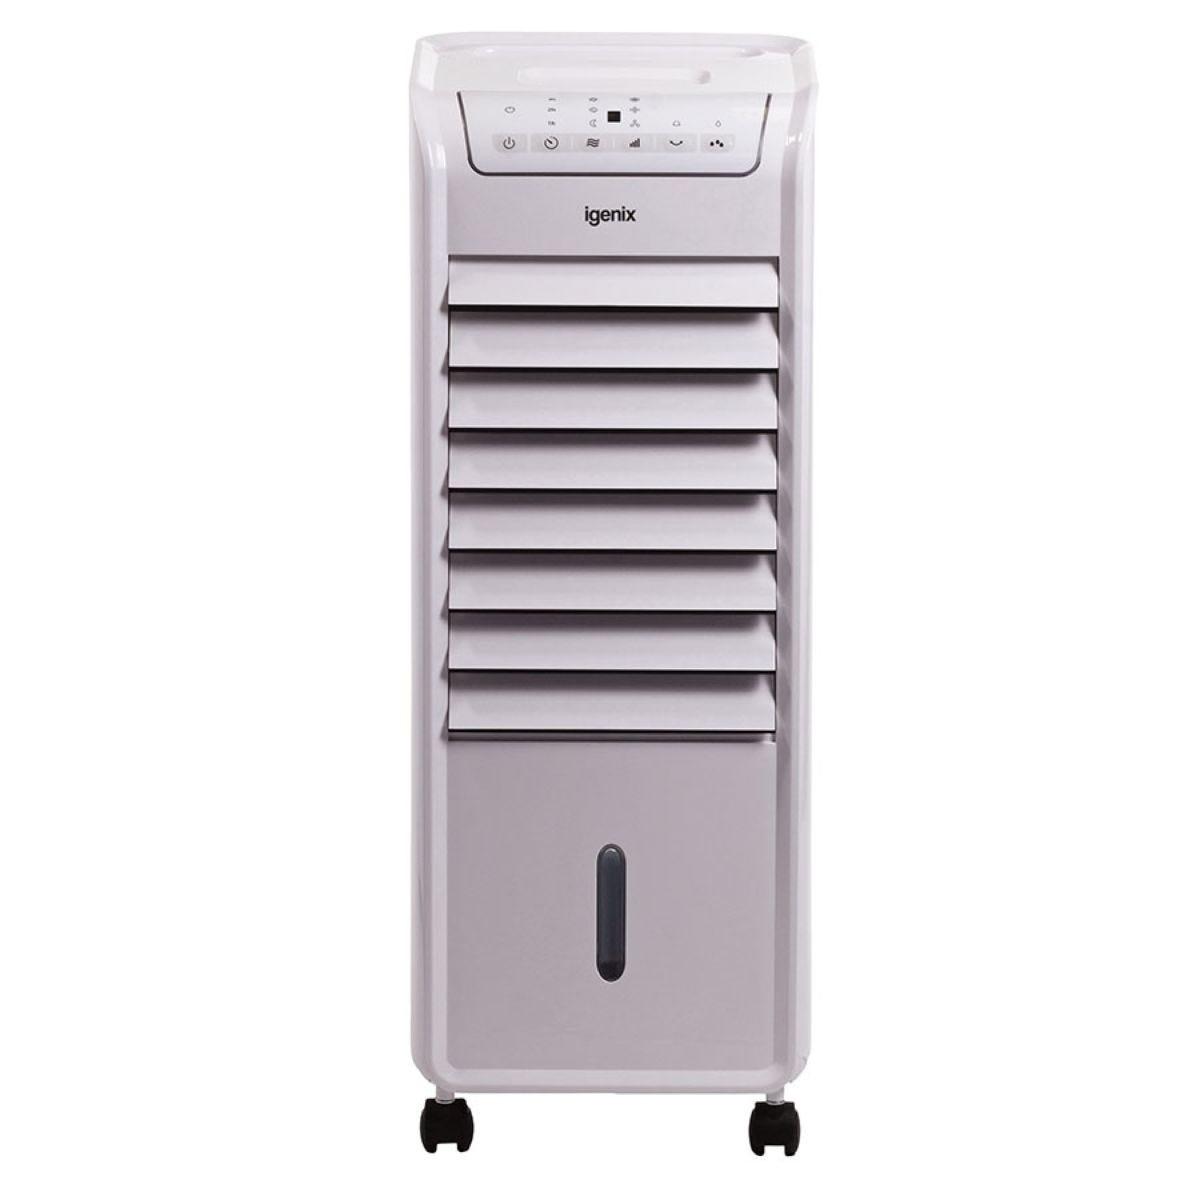 Igenix IG9703 6L Evaporative Air Cooler - White